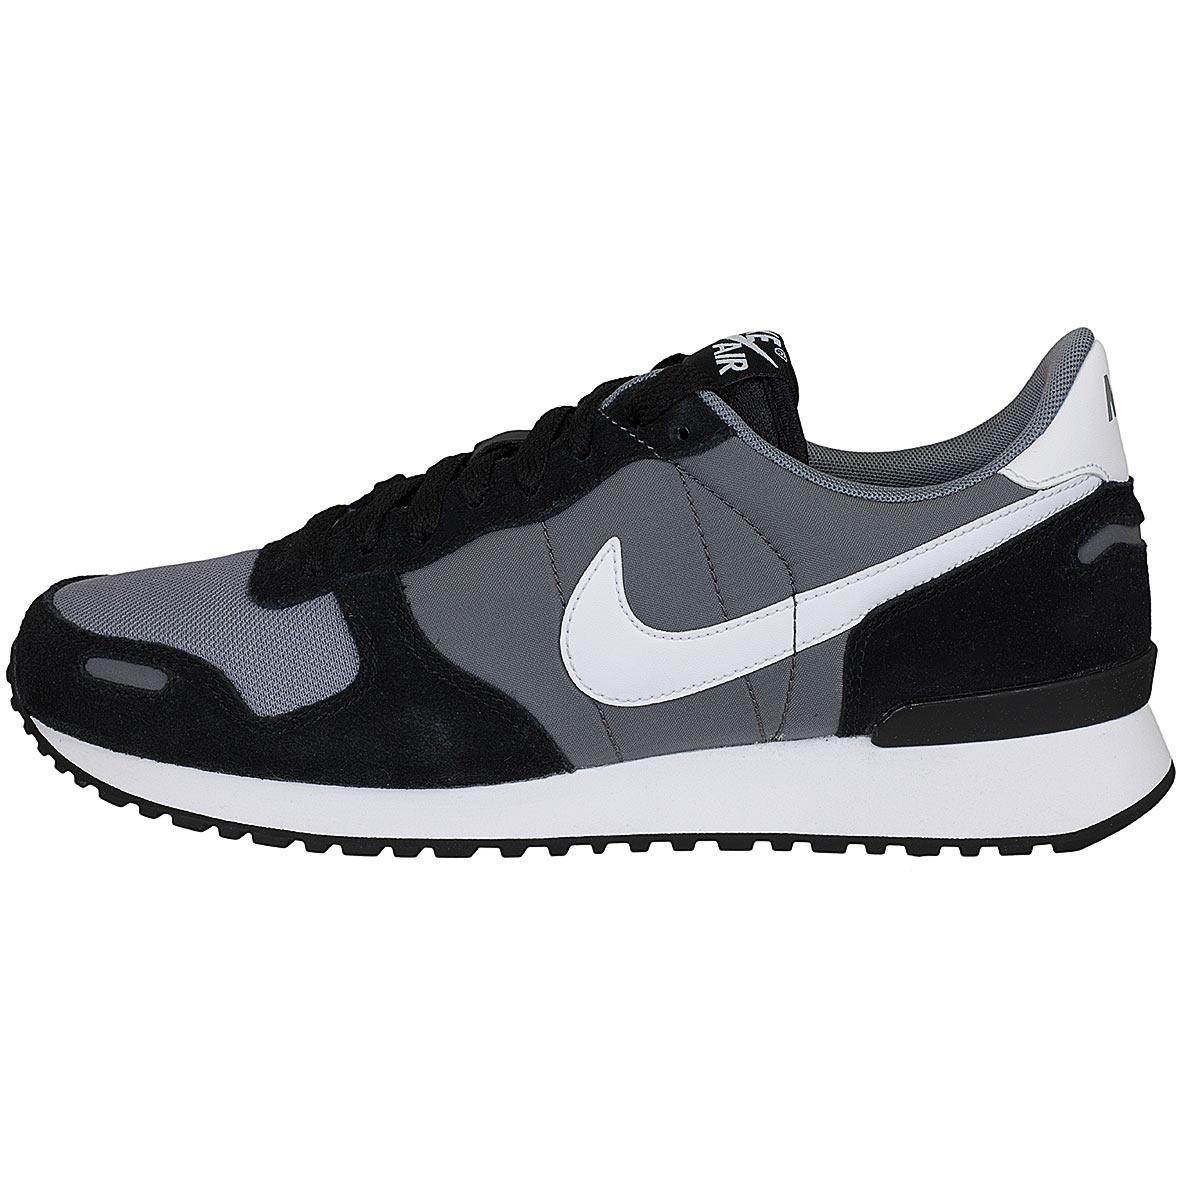 85f877dc4dc809 ☆ Nike Sneaker Air Vortex schwarz weiß - hier bestellen!